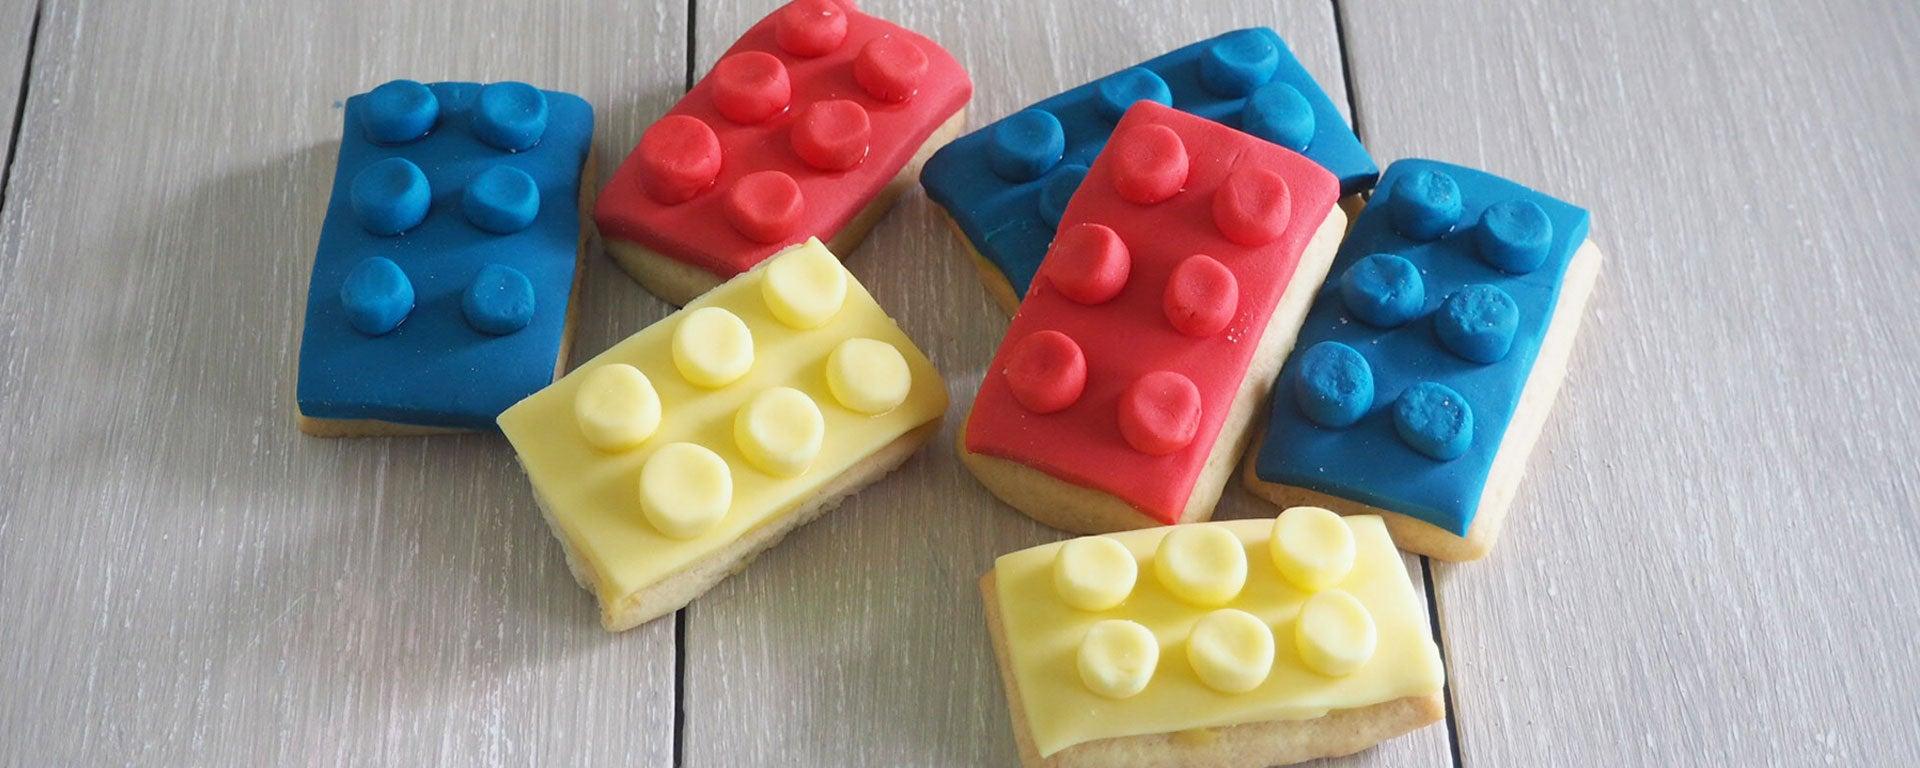 Lego_Header.jpg